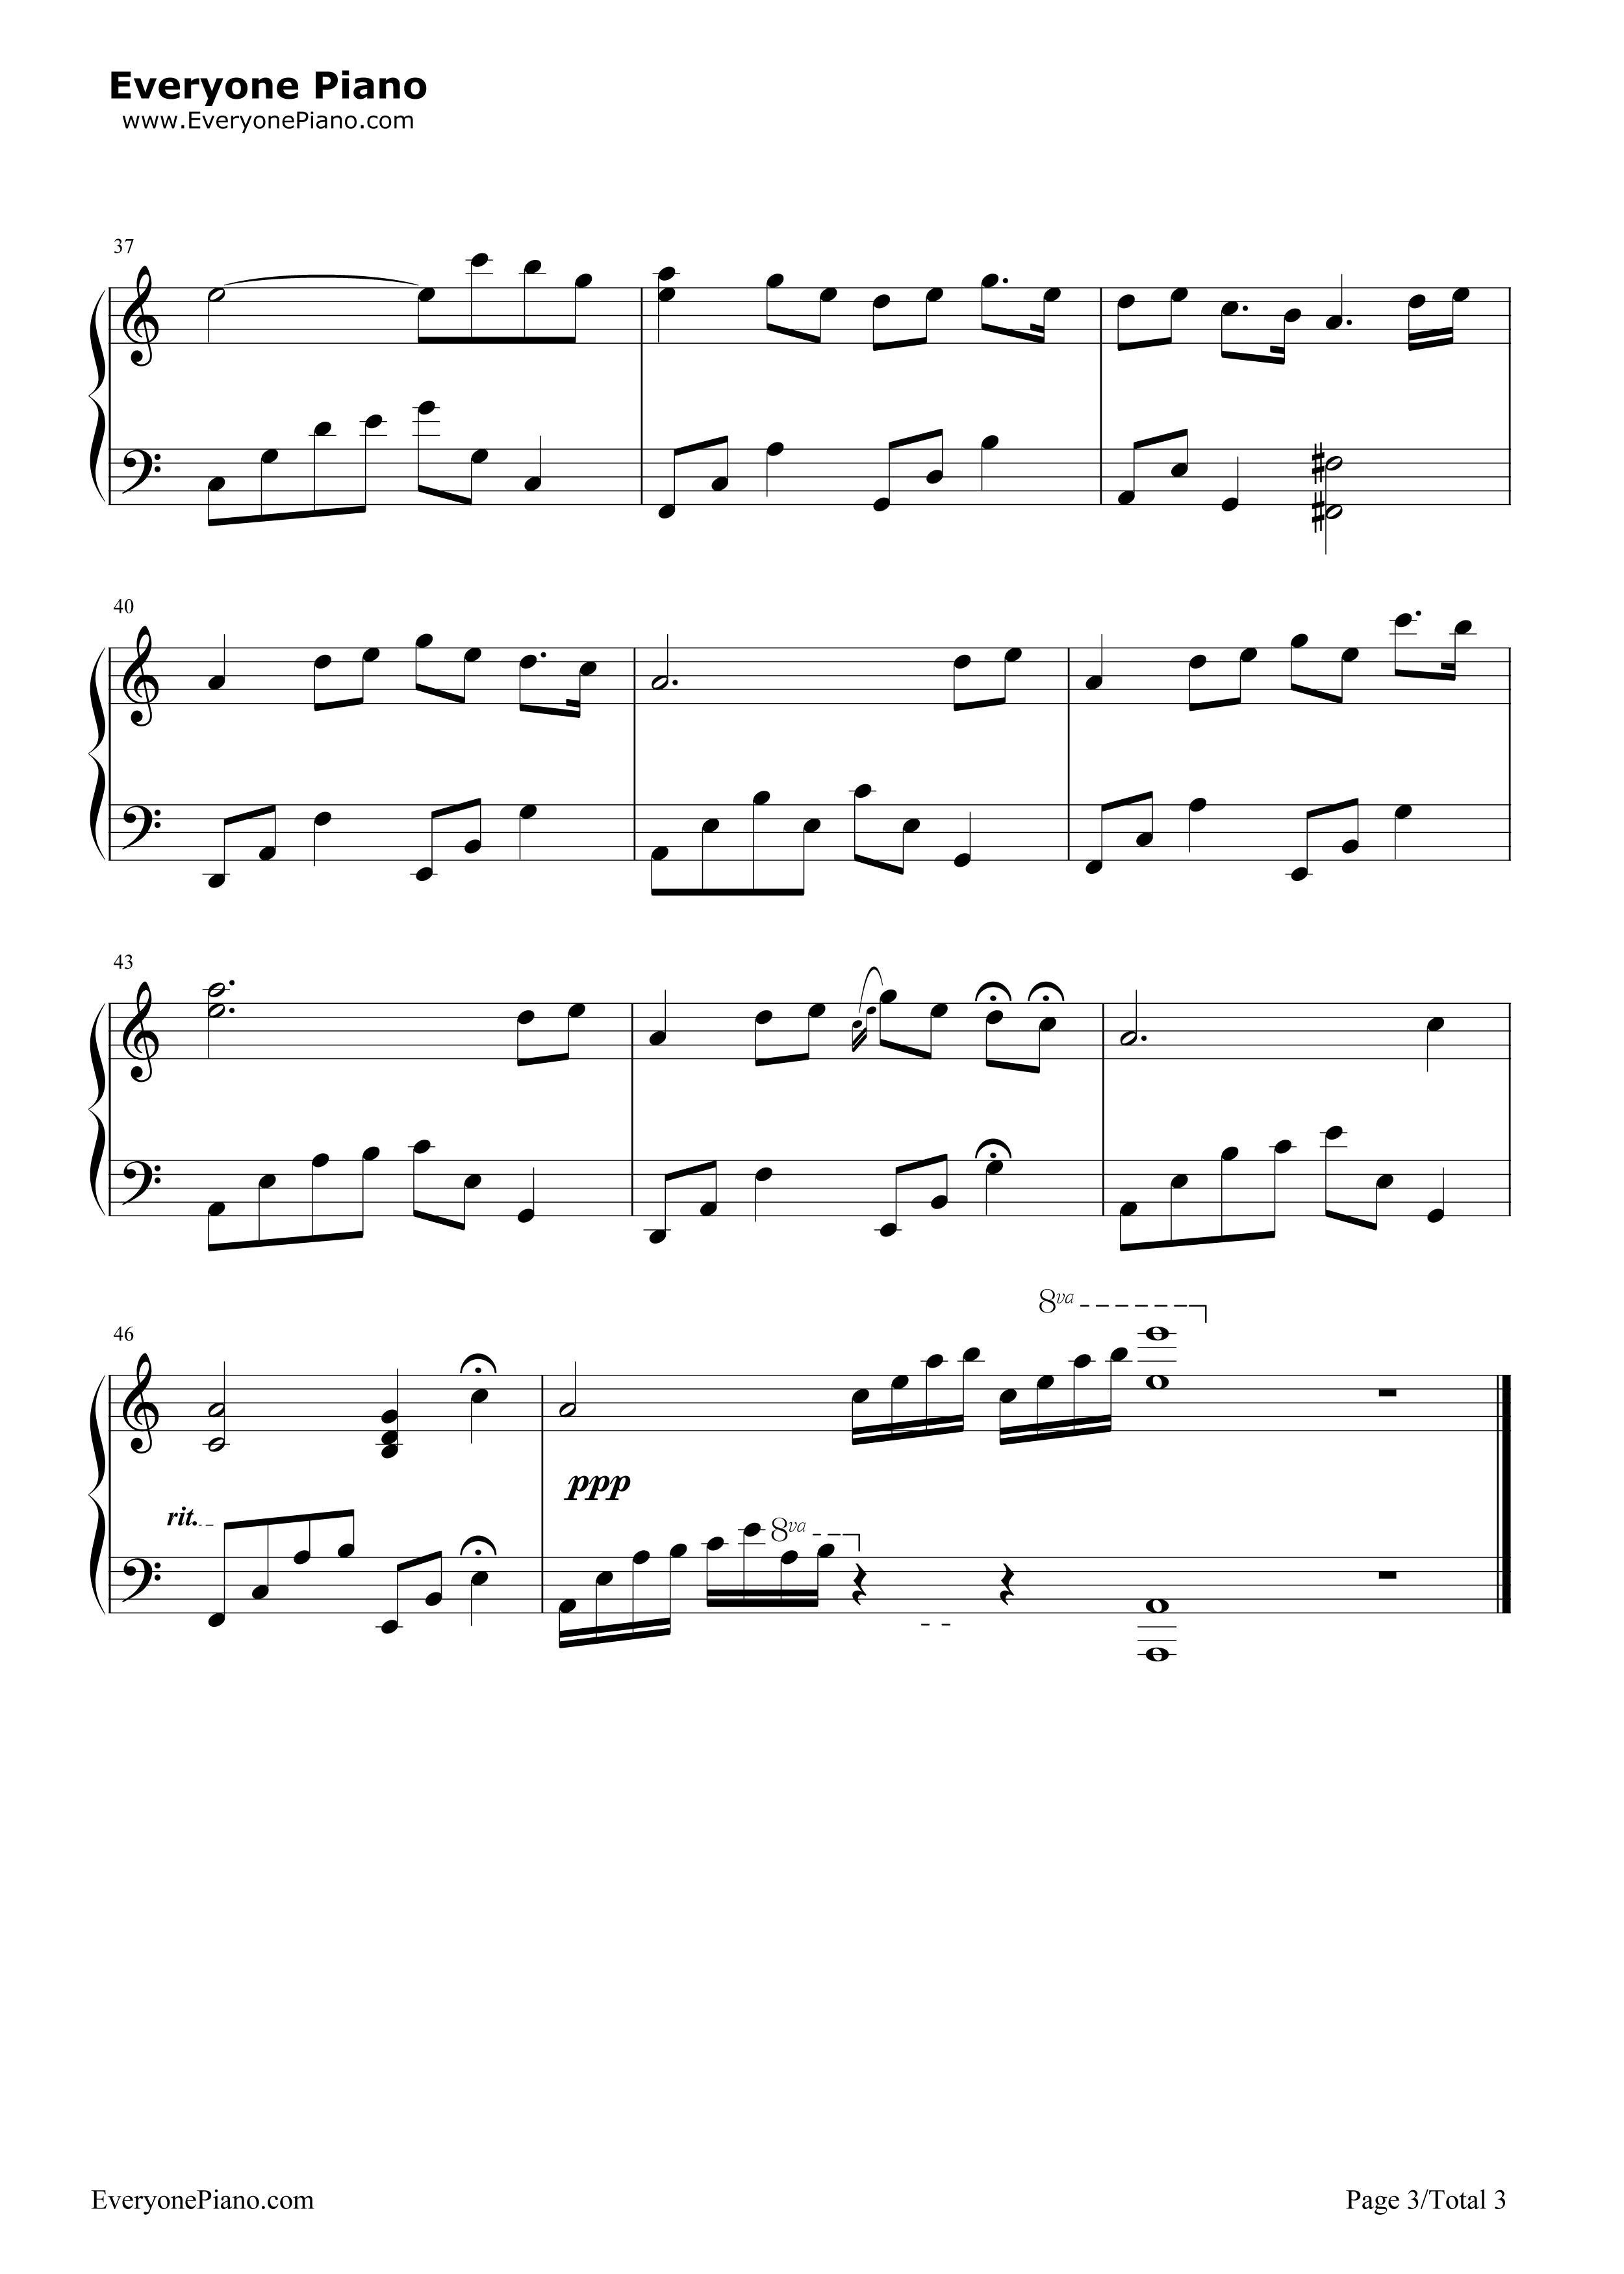 石进夜的钢琴曲1_街道的寂寞-夜的钢琴曲 Ⅲ五线谱预览-EOP在线乐谱架